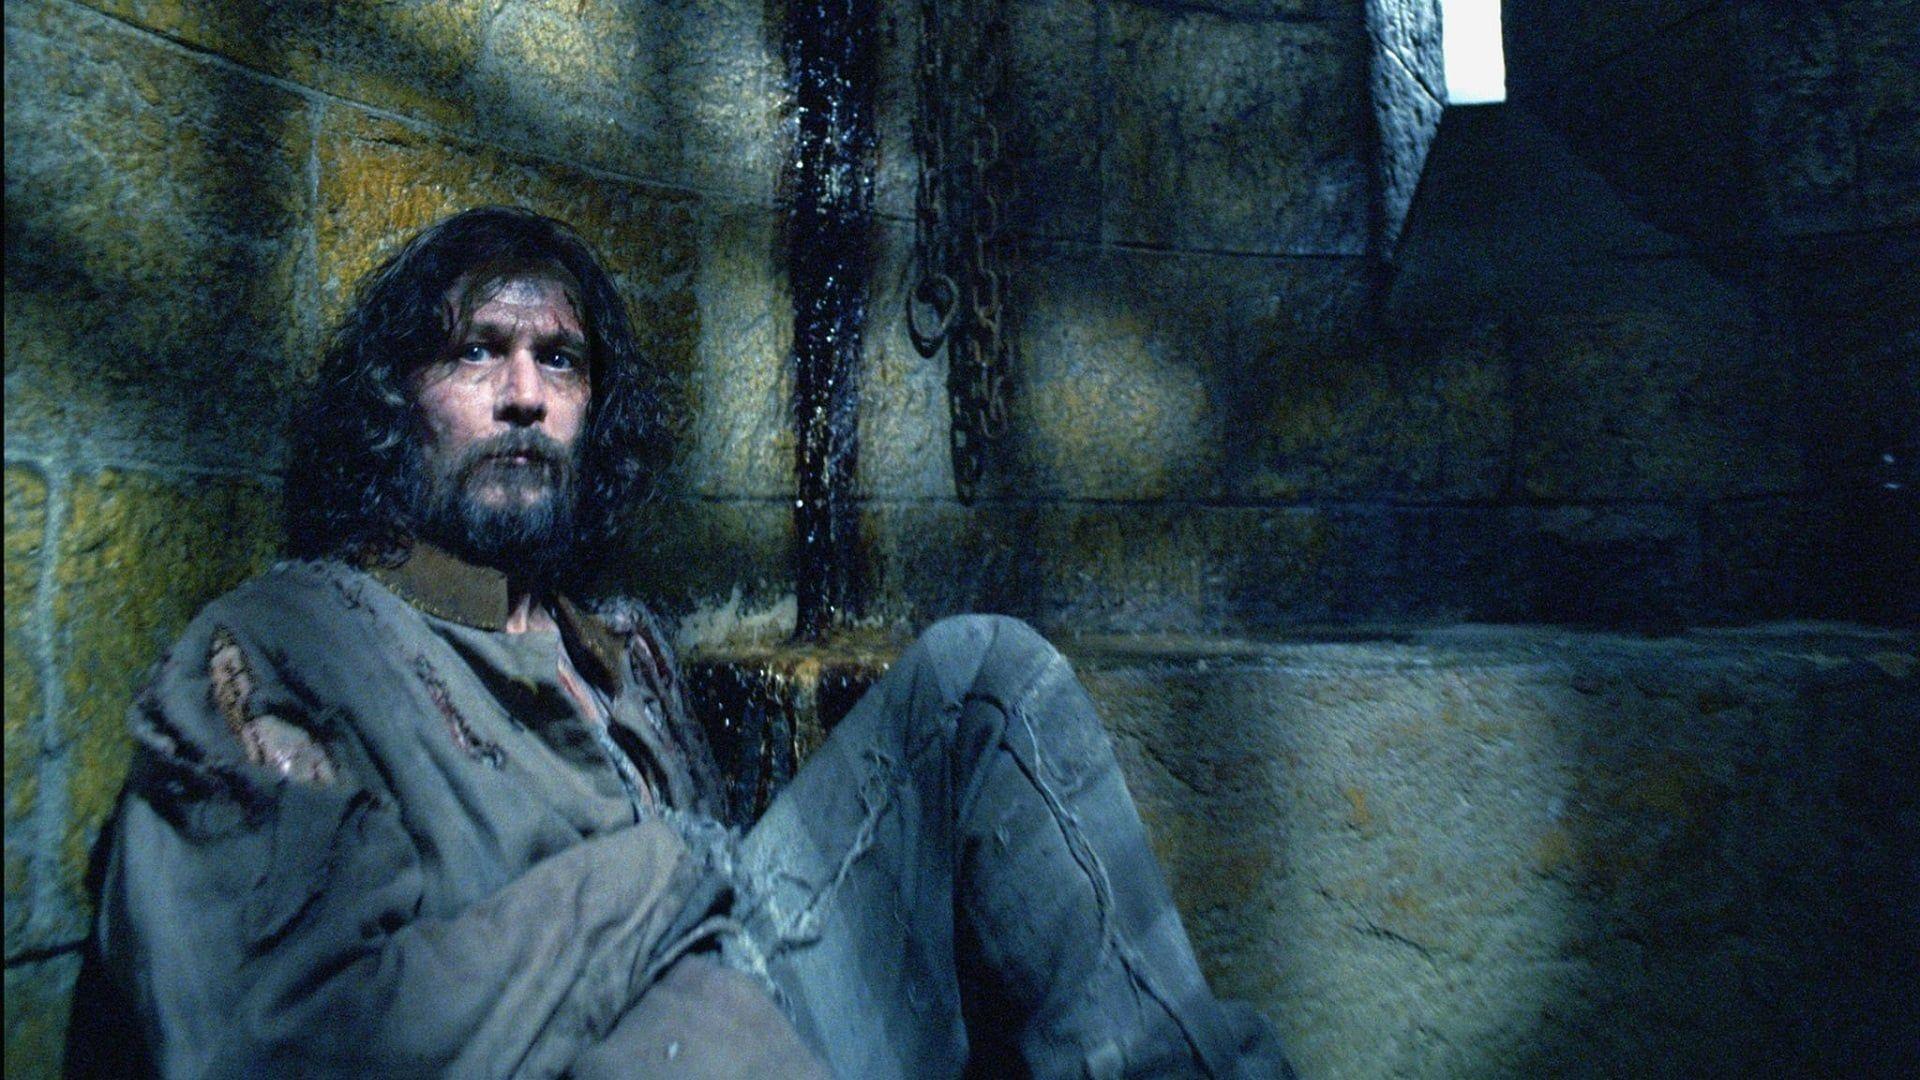 Harry Potter E Il Prigioniero Di Azkaban 2004 Streaming Ita Cb01 Film Completo Italiano Altadefinizione Harry P Il Prigioniero Di Azkaban Harry Potter Hogwarts